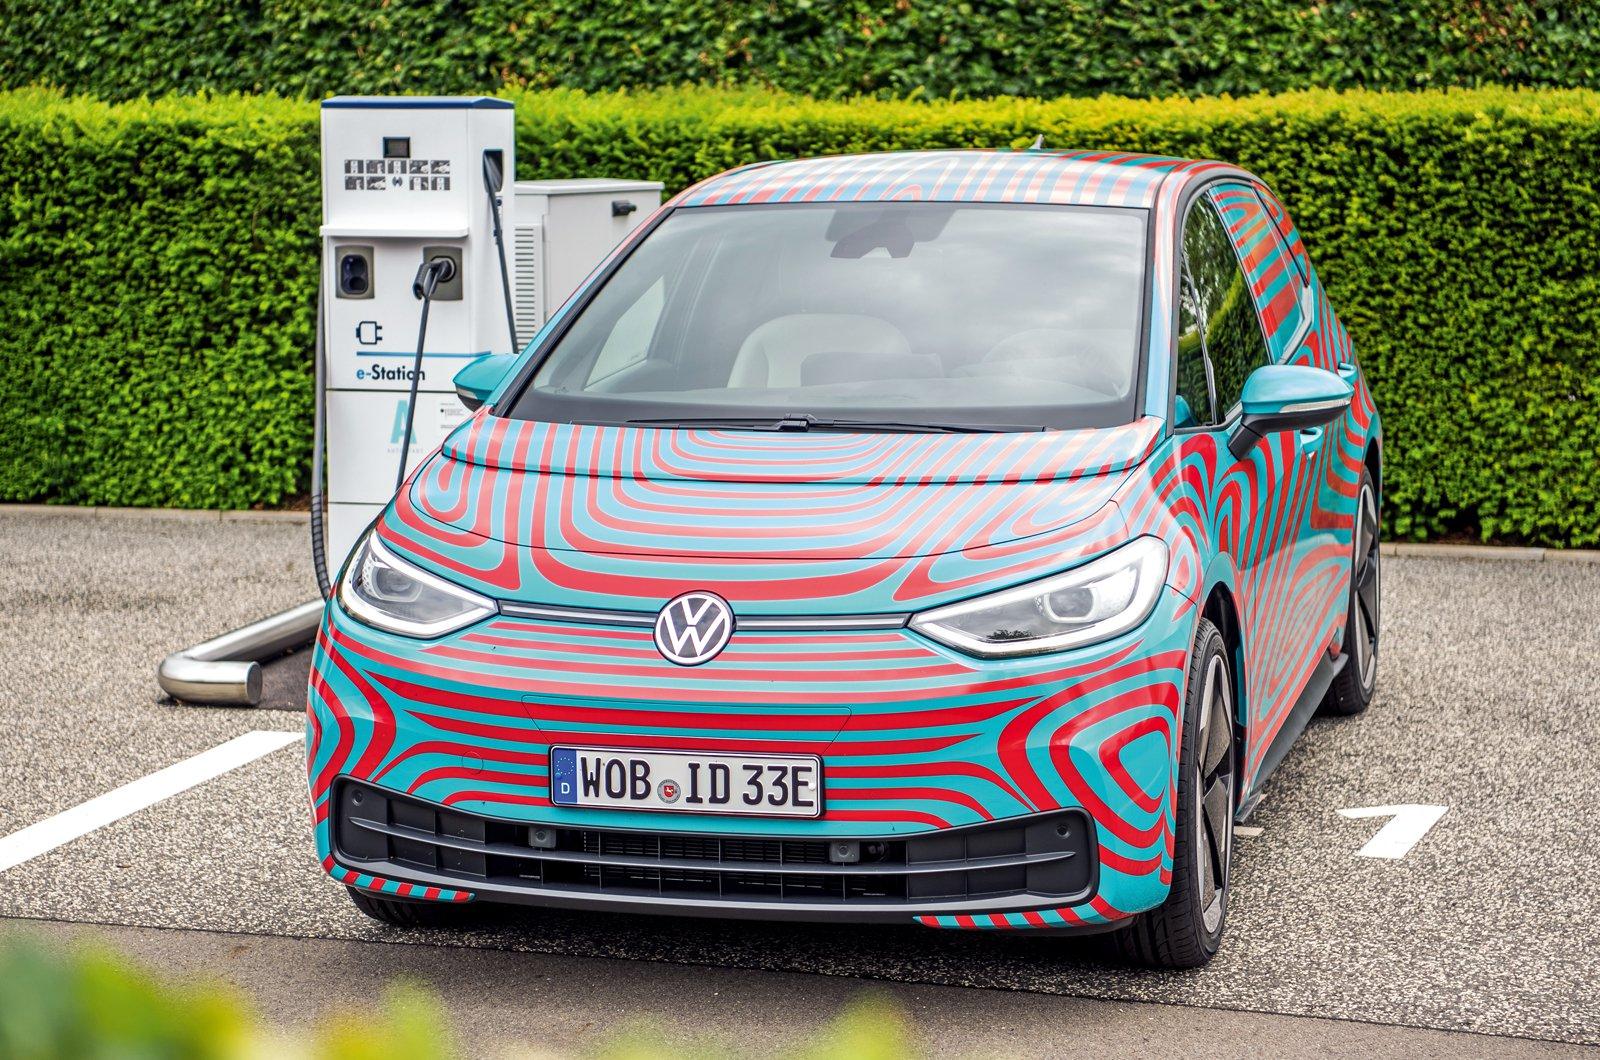 Volkswagen ID.3 prototype charging